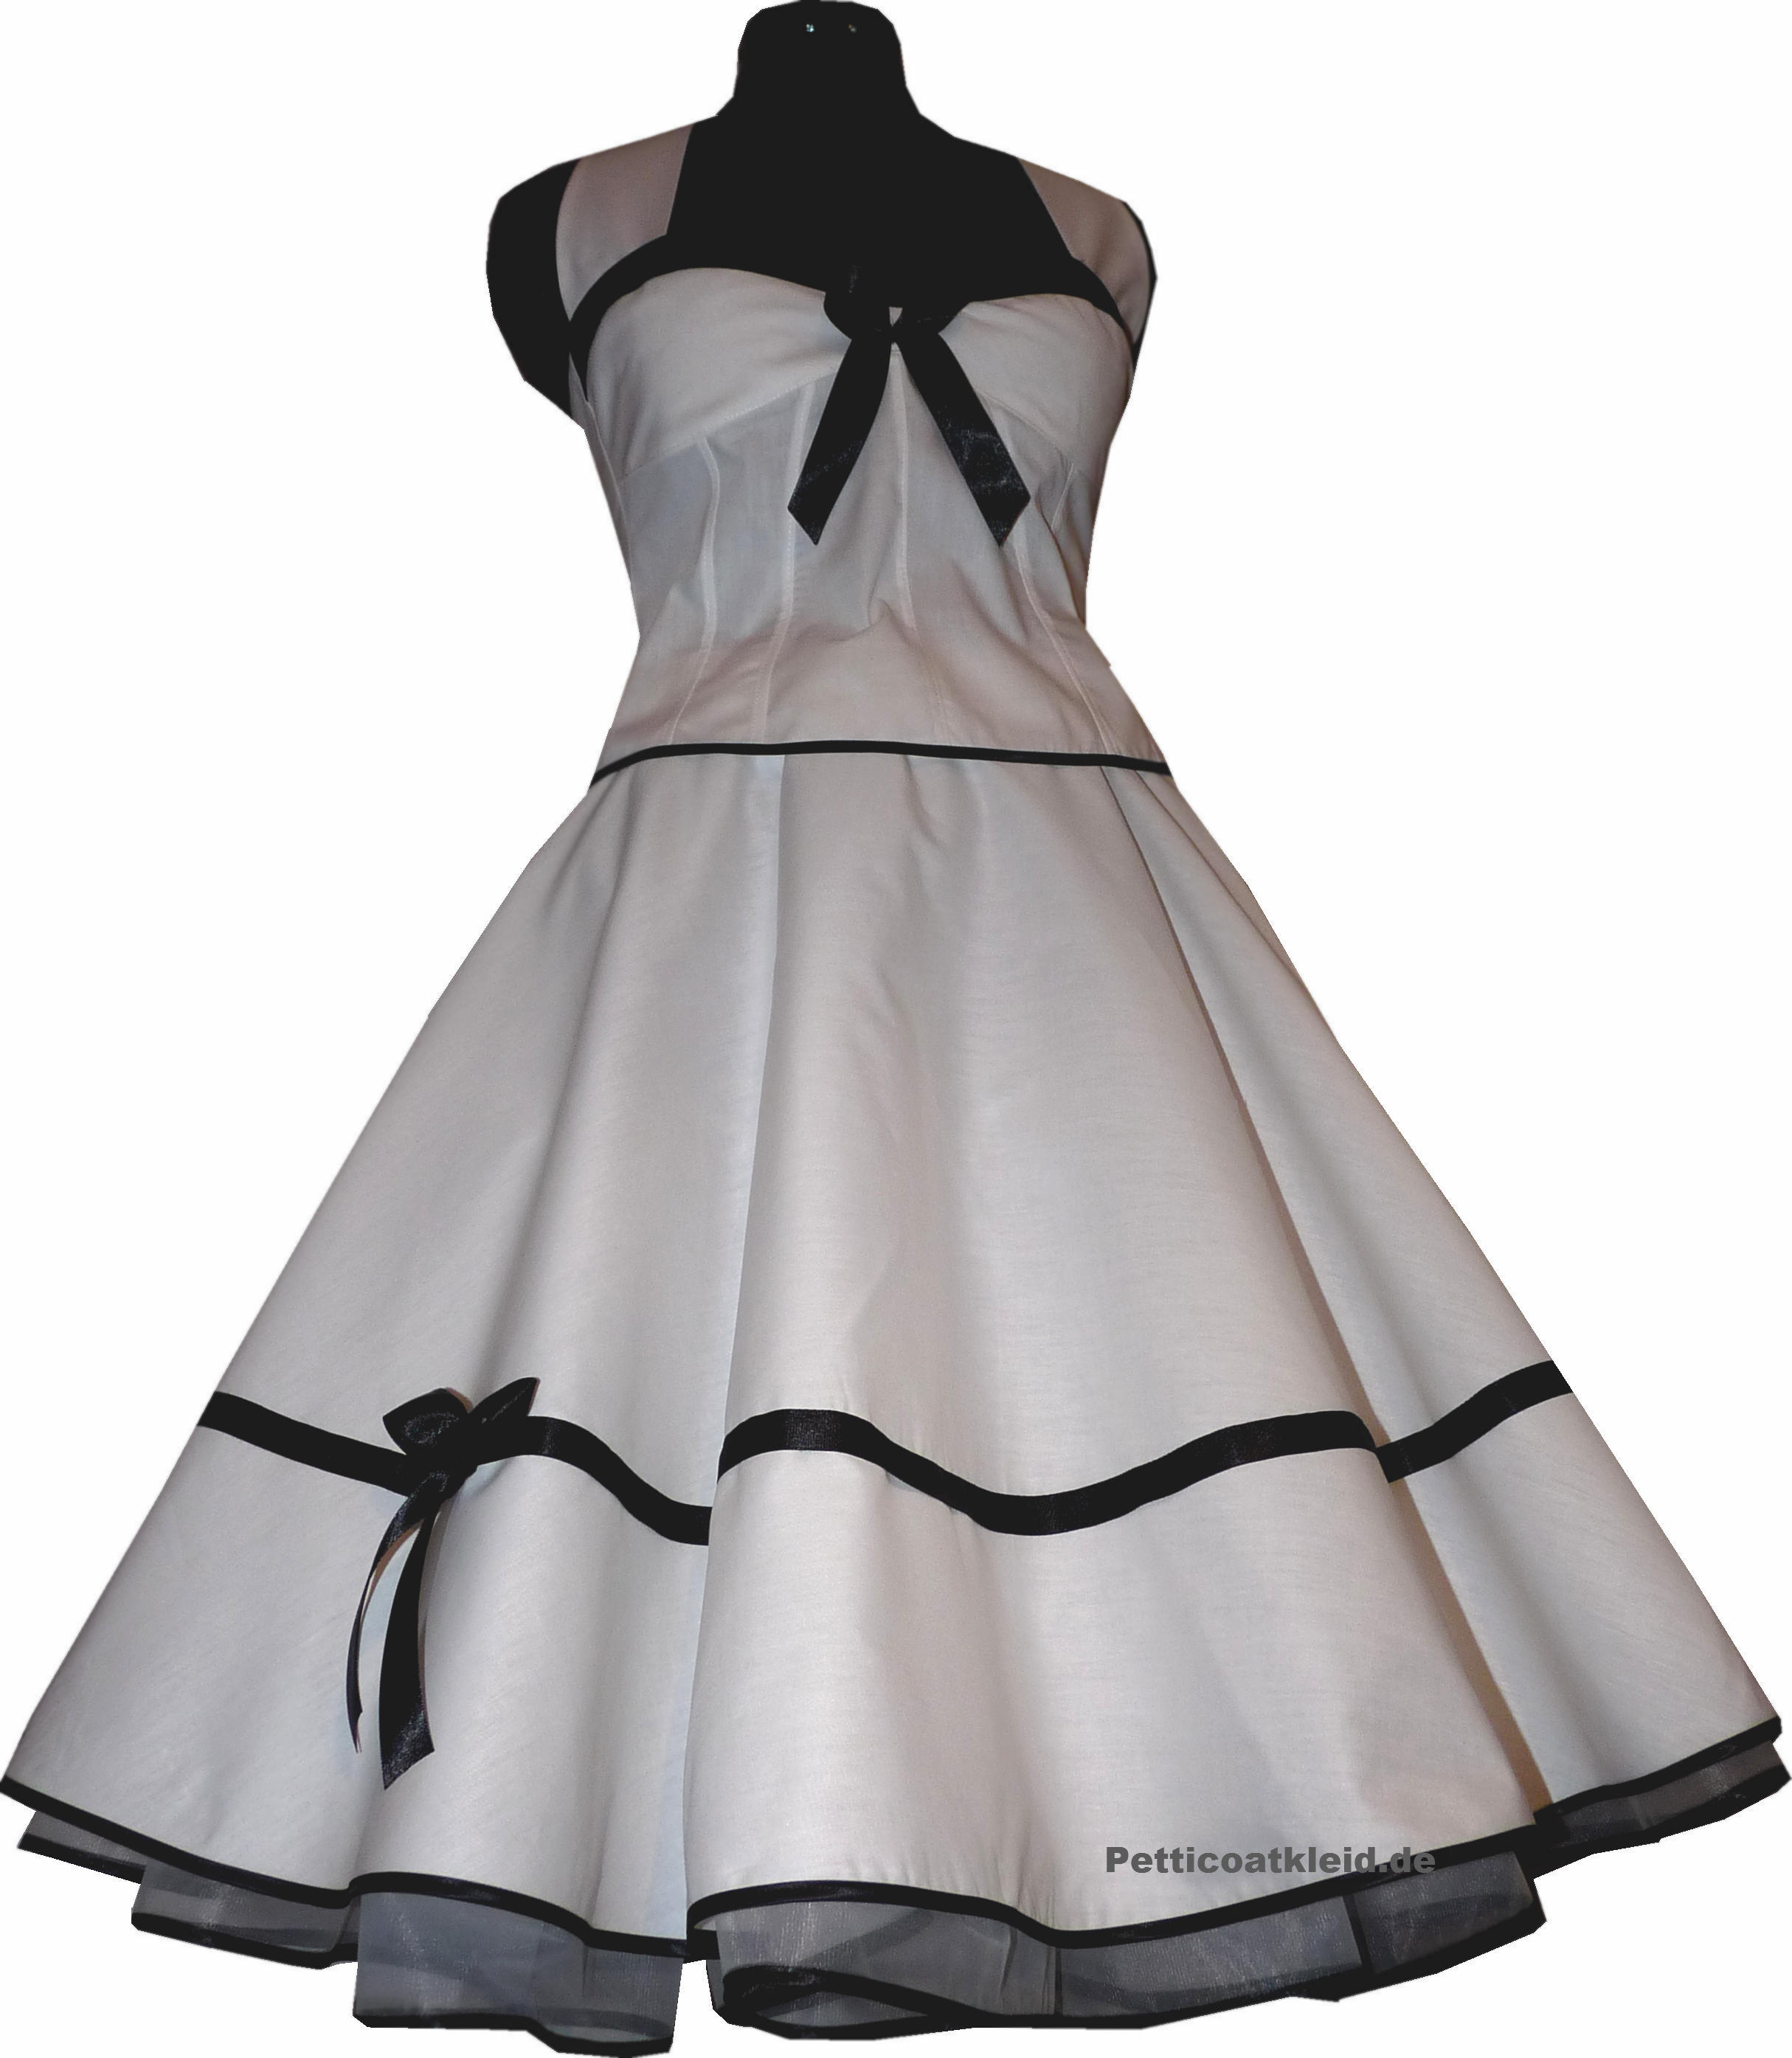 festliches 50er jahre braut petticoat kleid zur hochzeit farbe w hlbar ebay. Black Bedroom Furniture Sets. Home Design Ideas